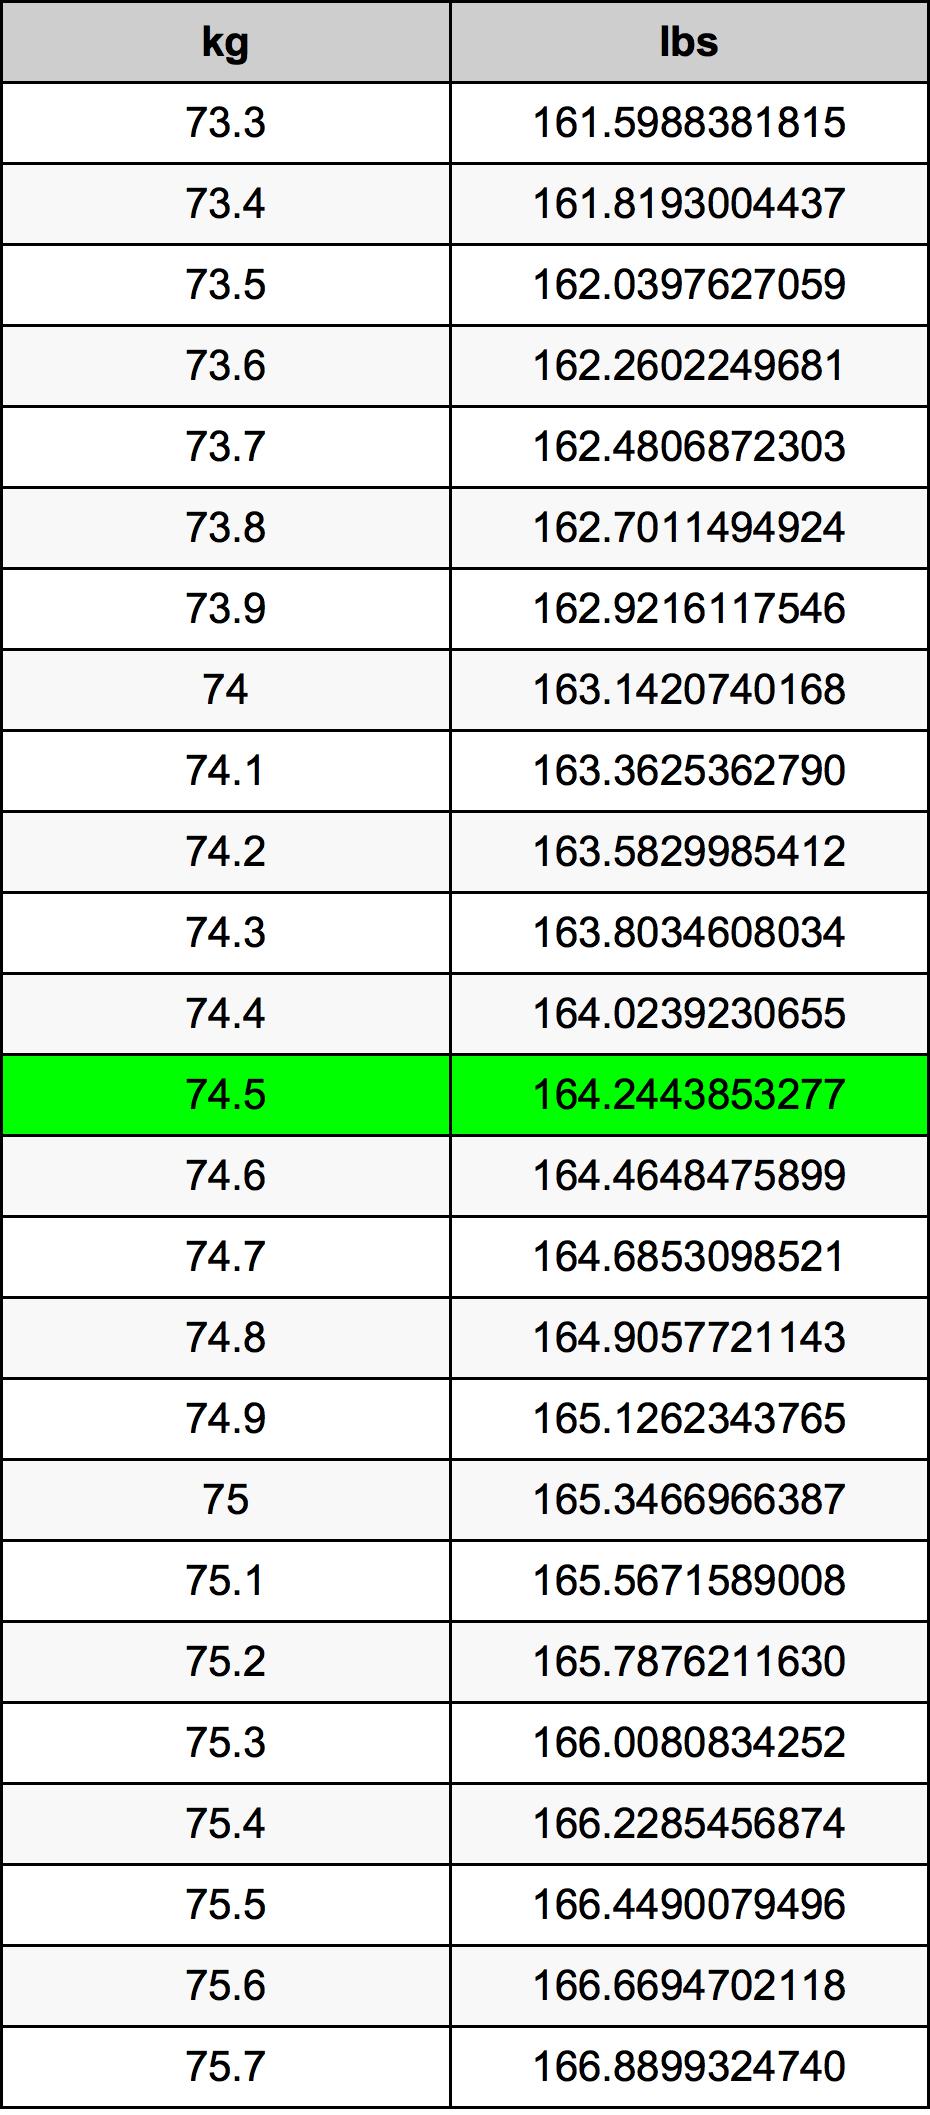 74.5 Kilogramas konversijos lentelę